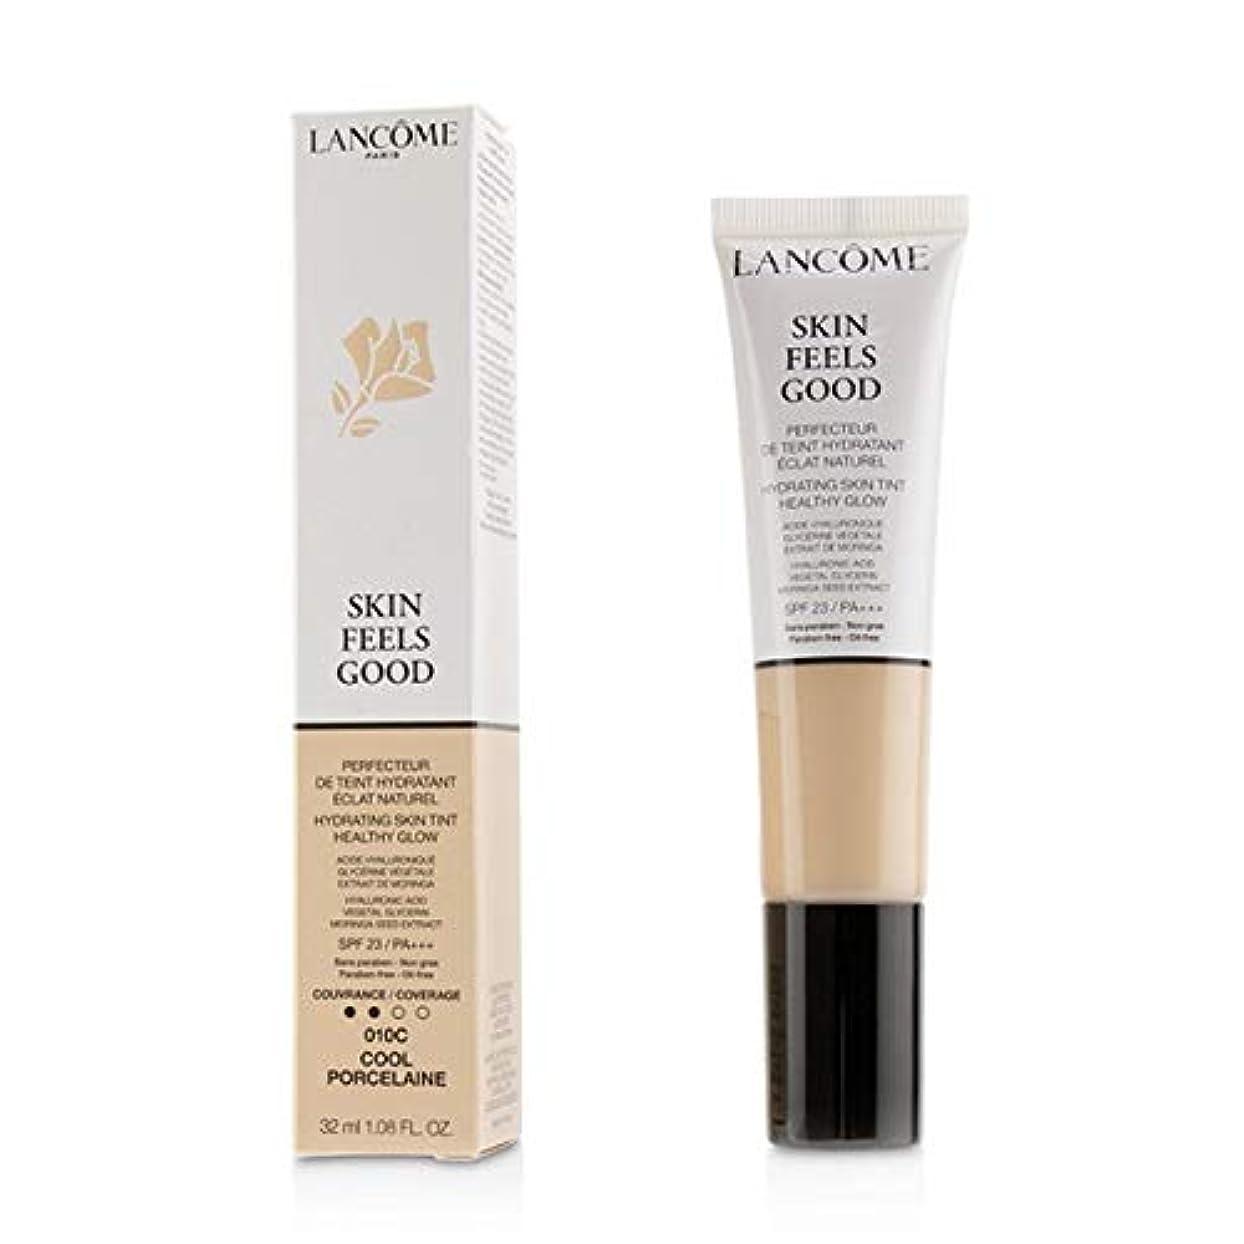 暖かさインサート全滅させるランコム Skin Feels Good Hydrating Skin Tint Healthy Glow SPF 23 - # 010C Cool Porcelaine 32ml/1.08oz並行輸入品